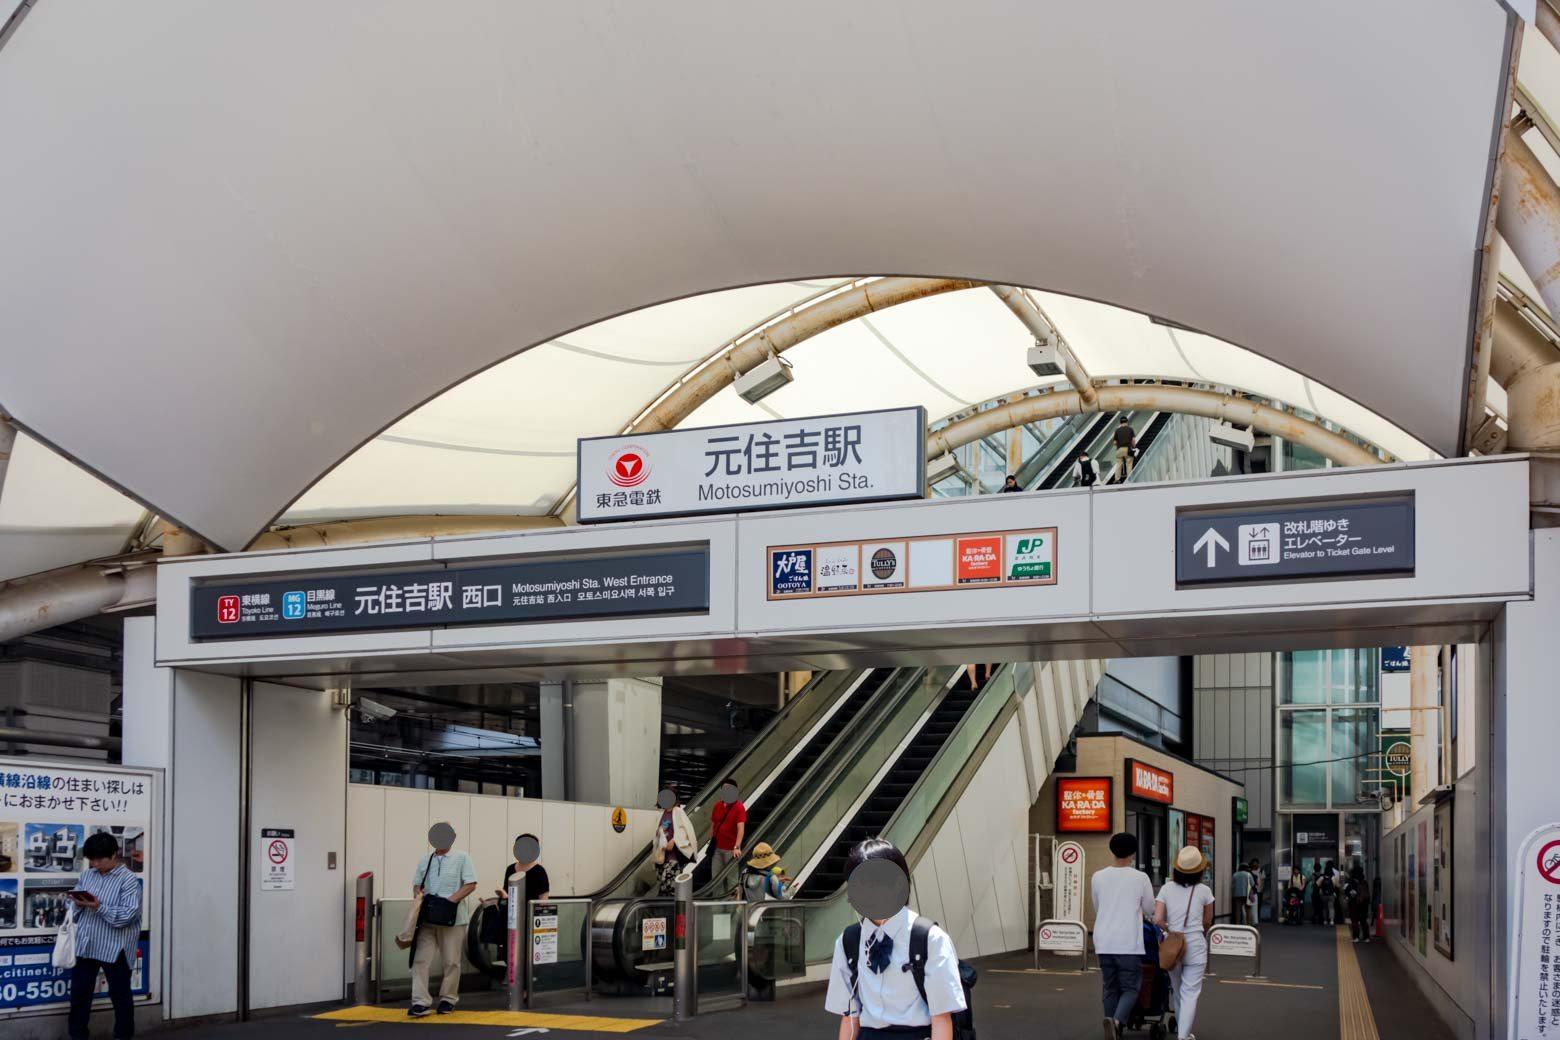 こちらが元住吉駅です。今回は詳しく紹介できませんが、構造が非常にカッコいいのでお立ち寄りの際はじっくり観察してみてください。名物はながーいエレベーター